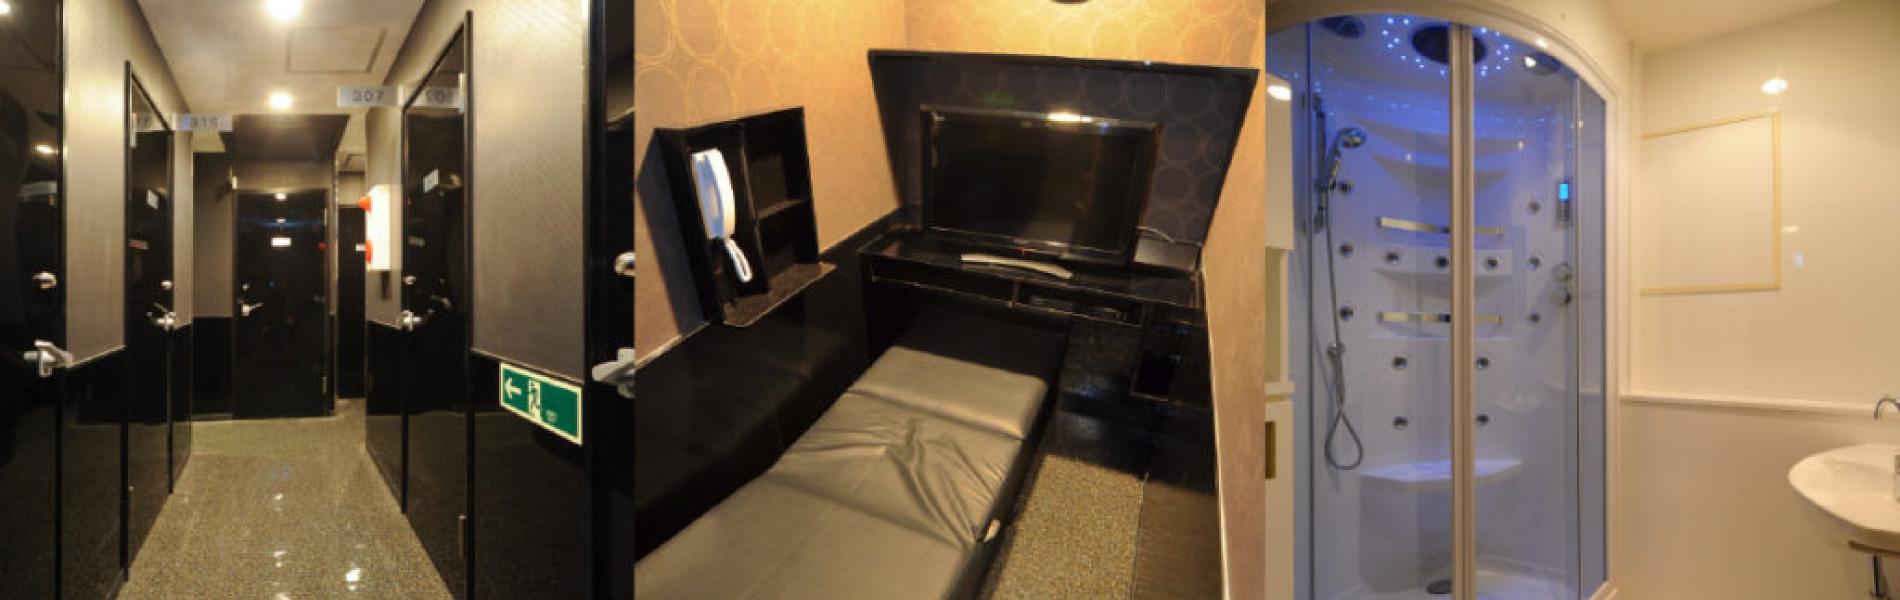 完全個室の待機スペース